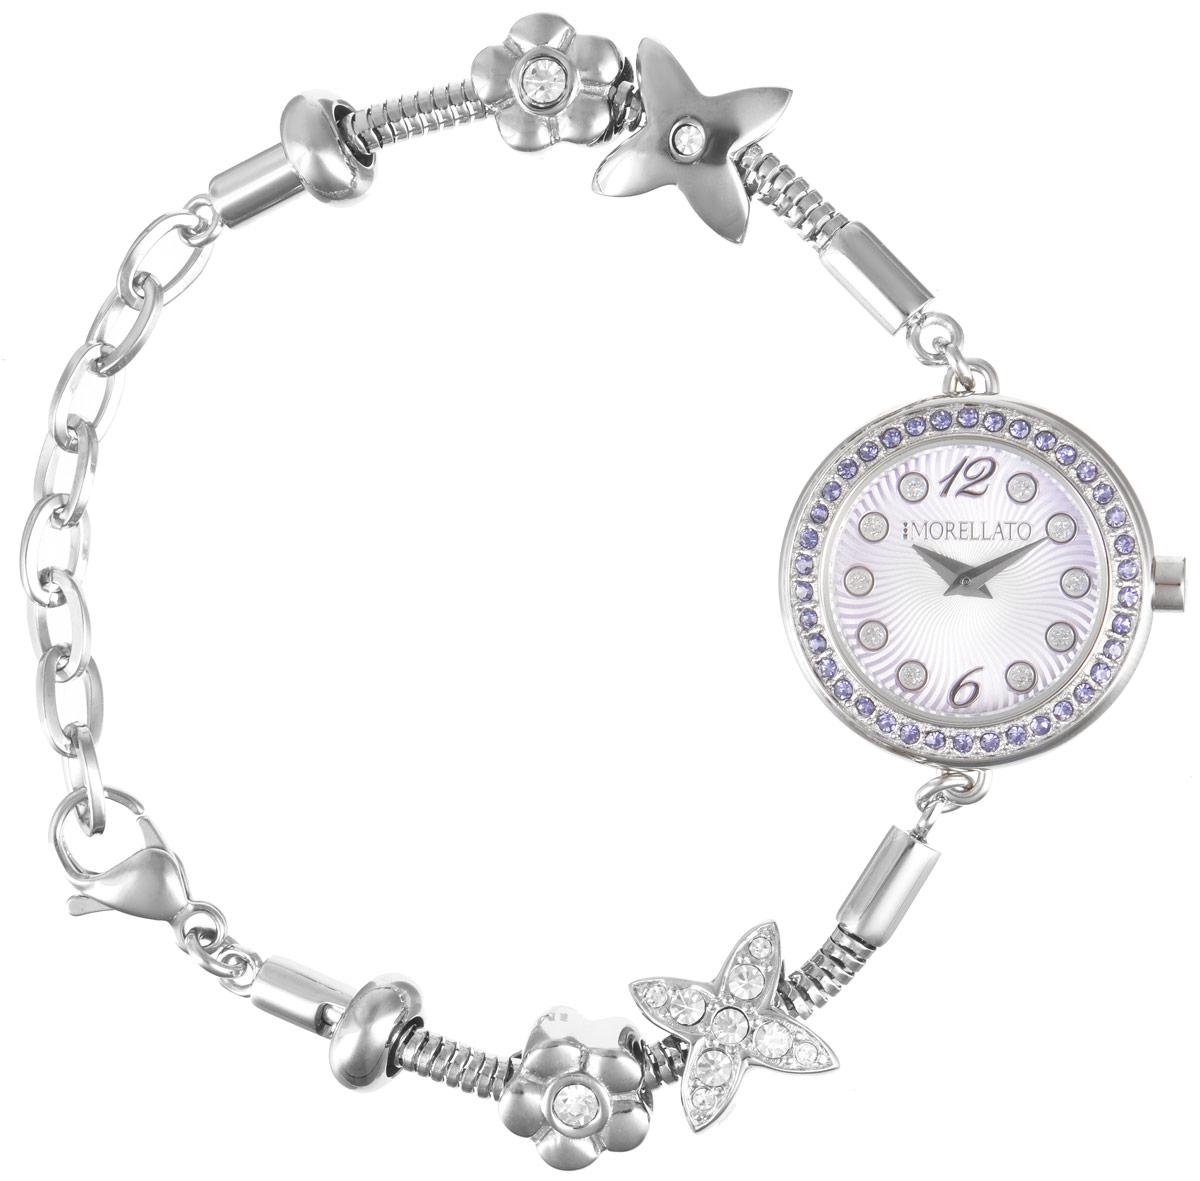 Часы наручные женские Morellato, цвет: серебристый, сиреневый. R0153122519R0153122519Изысканные женские часы Morellato изготовлены из высокотехнологичной гипоаллергенной нержавеющей стали. Ремешок выполнен из нержавеющей стали с PVD-покрытием. Кварцевый механизм имеет степень влагозащиты равную 3 Bar и дополнен часовой и минутной стрелками. Циферблат часов инкрустирован стразами. Браслет выполнен из соединяющихся между собой элементов в стиле Пандора, инкрустированных цирконами. Для того чтобы защитить циферблат от повреждений в часах используется высокопрочное минеральное стекло. На циферблате отметки в виде точек органично сочетаются с маленькими стрелками. Браслет комплектуется надежным и удобным в использовании замком-карабином, который позволит с легкостью снимать и надевать часы. Часы упакованы в фирменную коробку и дополнительно в подарочную коробку с названием бренда. Часы Morellato подчеркнут изящность женской руки и отменное чувство стиля у их обладательницы.